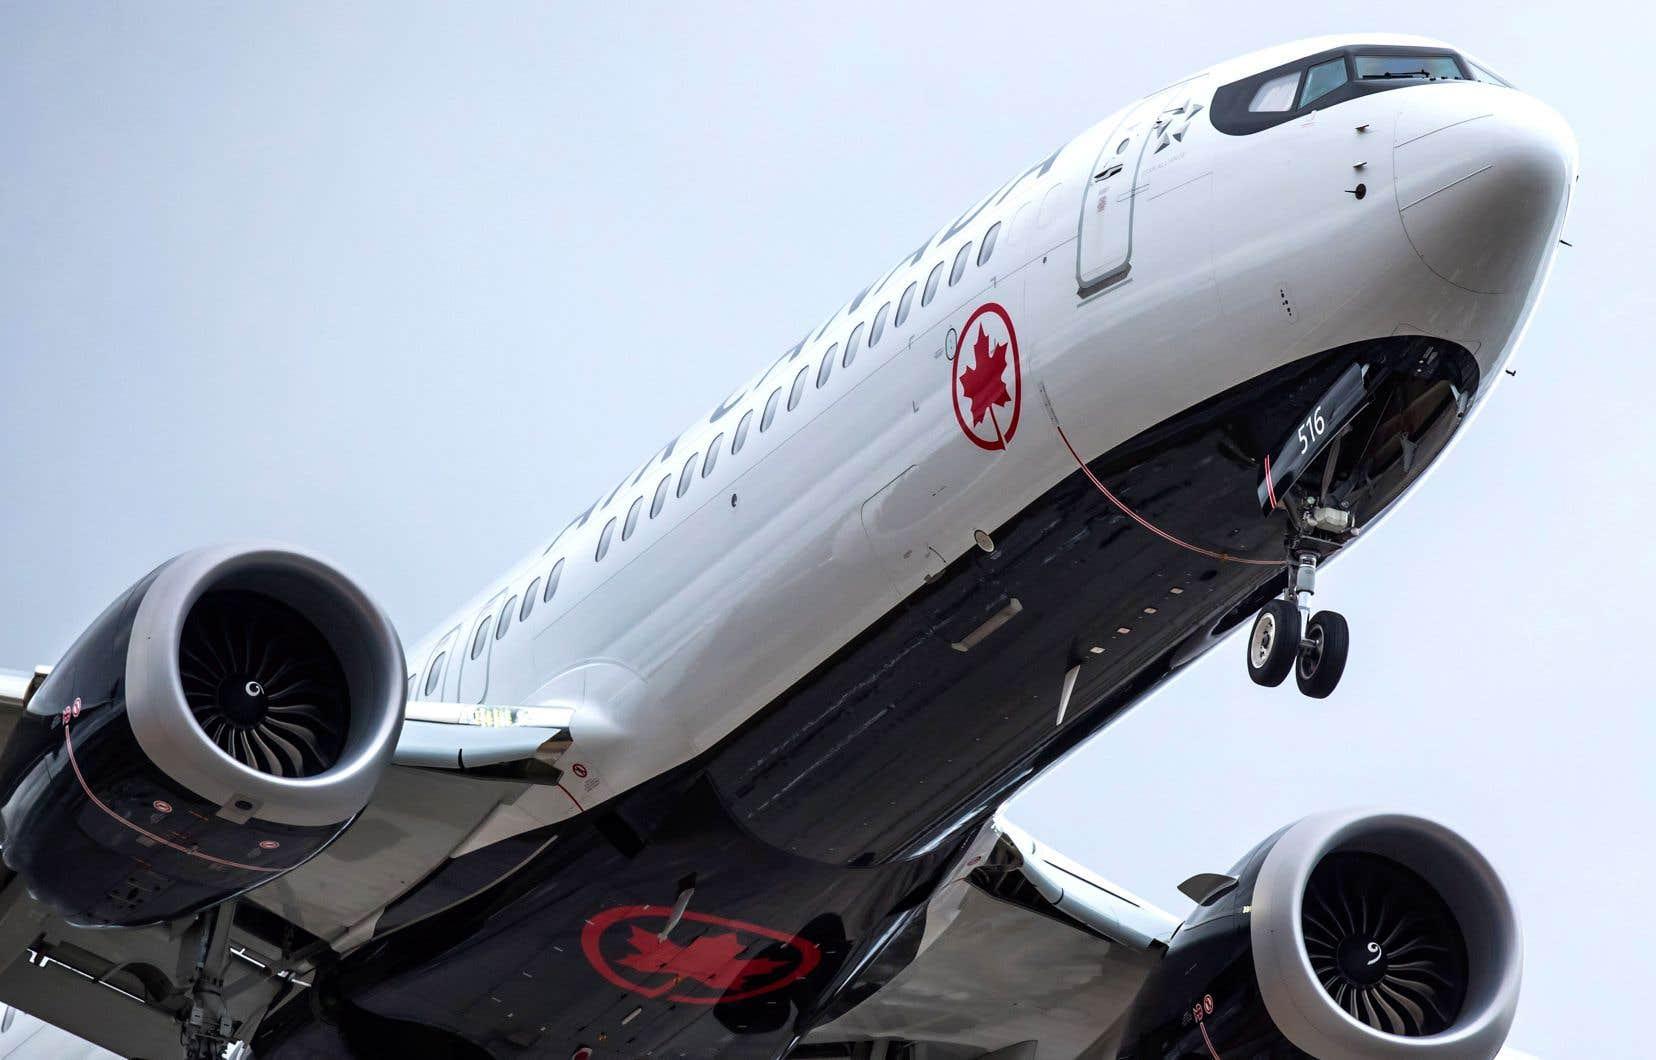 Au premier trimestre, Air Canada a annulé 8000 vols, dont 1600 sur ses liaisons à revenus plus élevés.